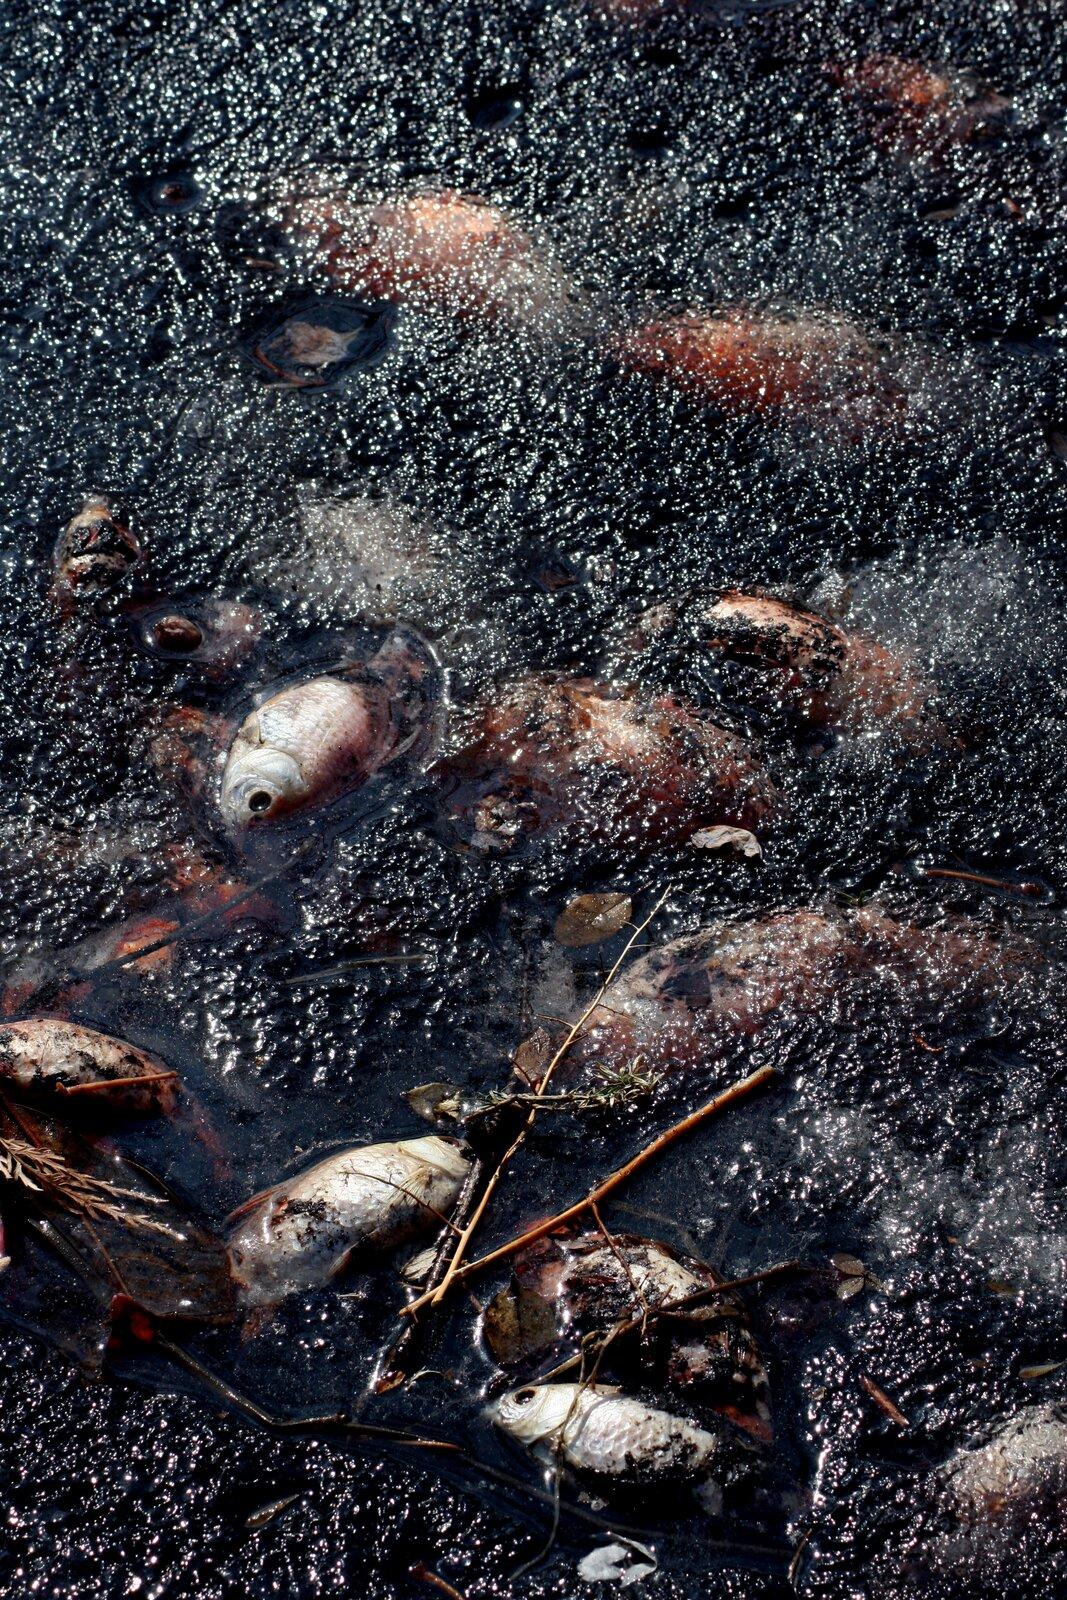 Fotografia prezentuje martwe ryby wystające spod lodu.